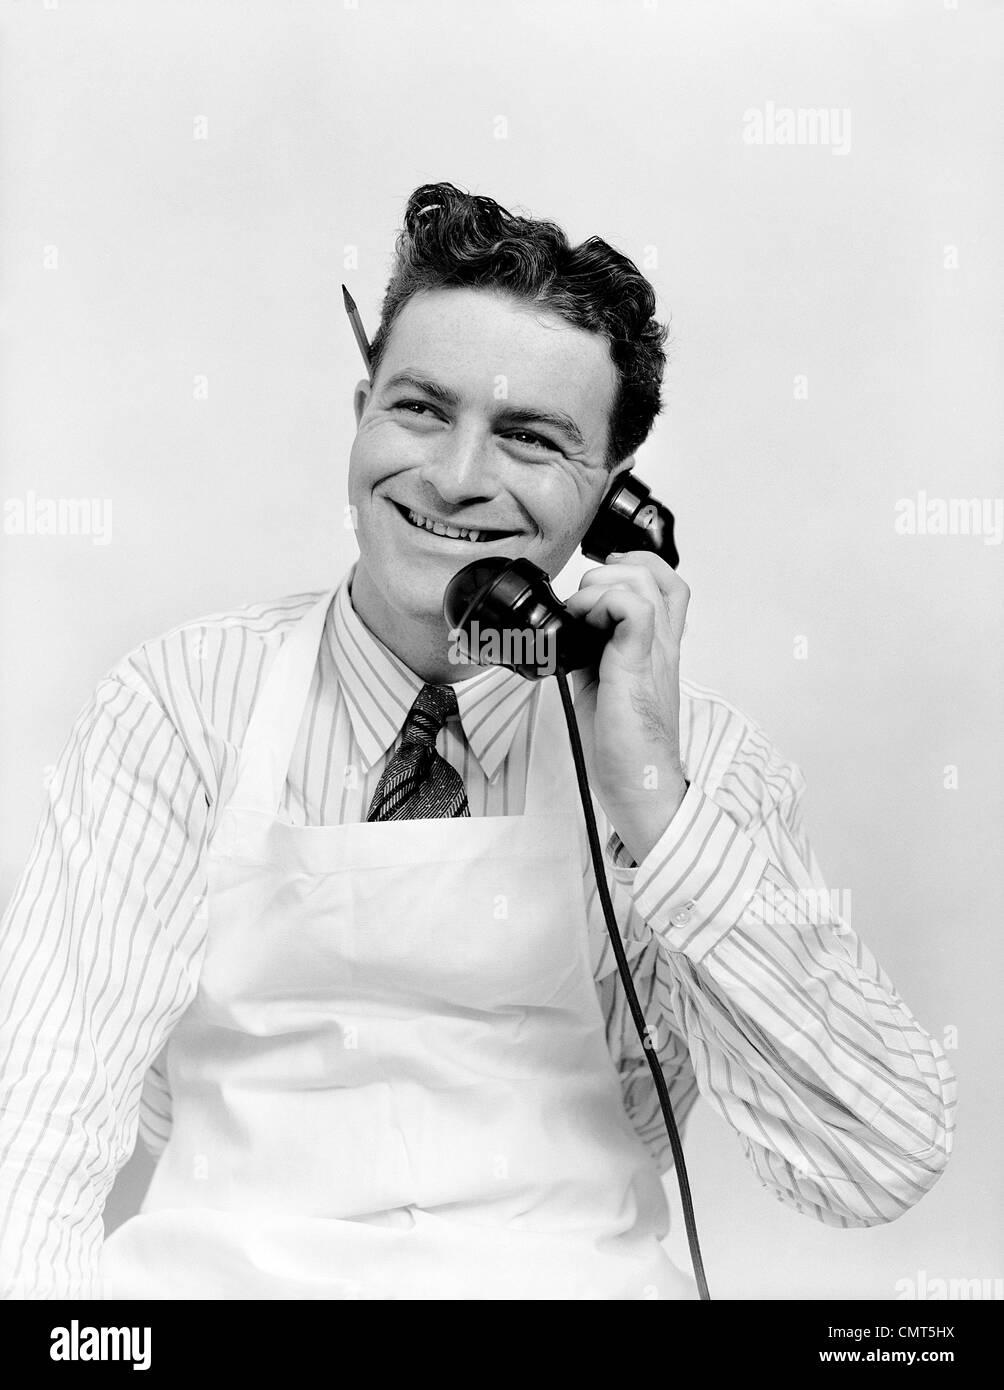 1930 Retrato sonriente recepcionista vistiendo delantal hombre hablando por teléfono un lápiz detrás Imagen De Stock